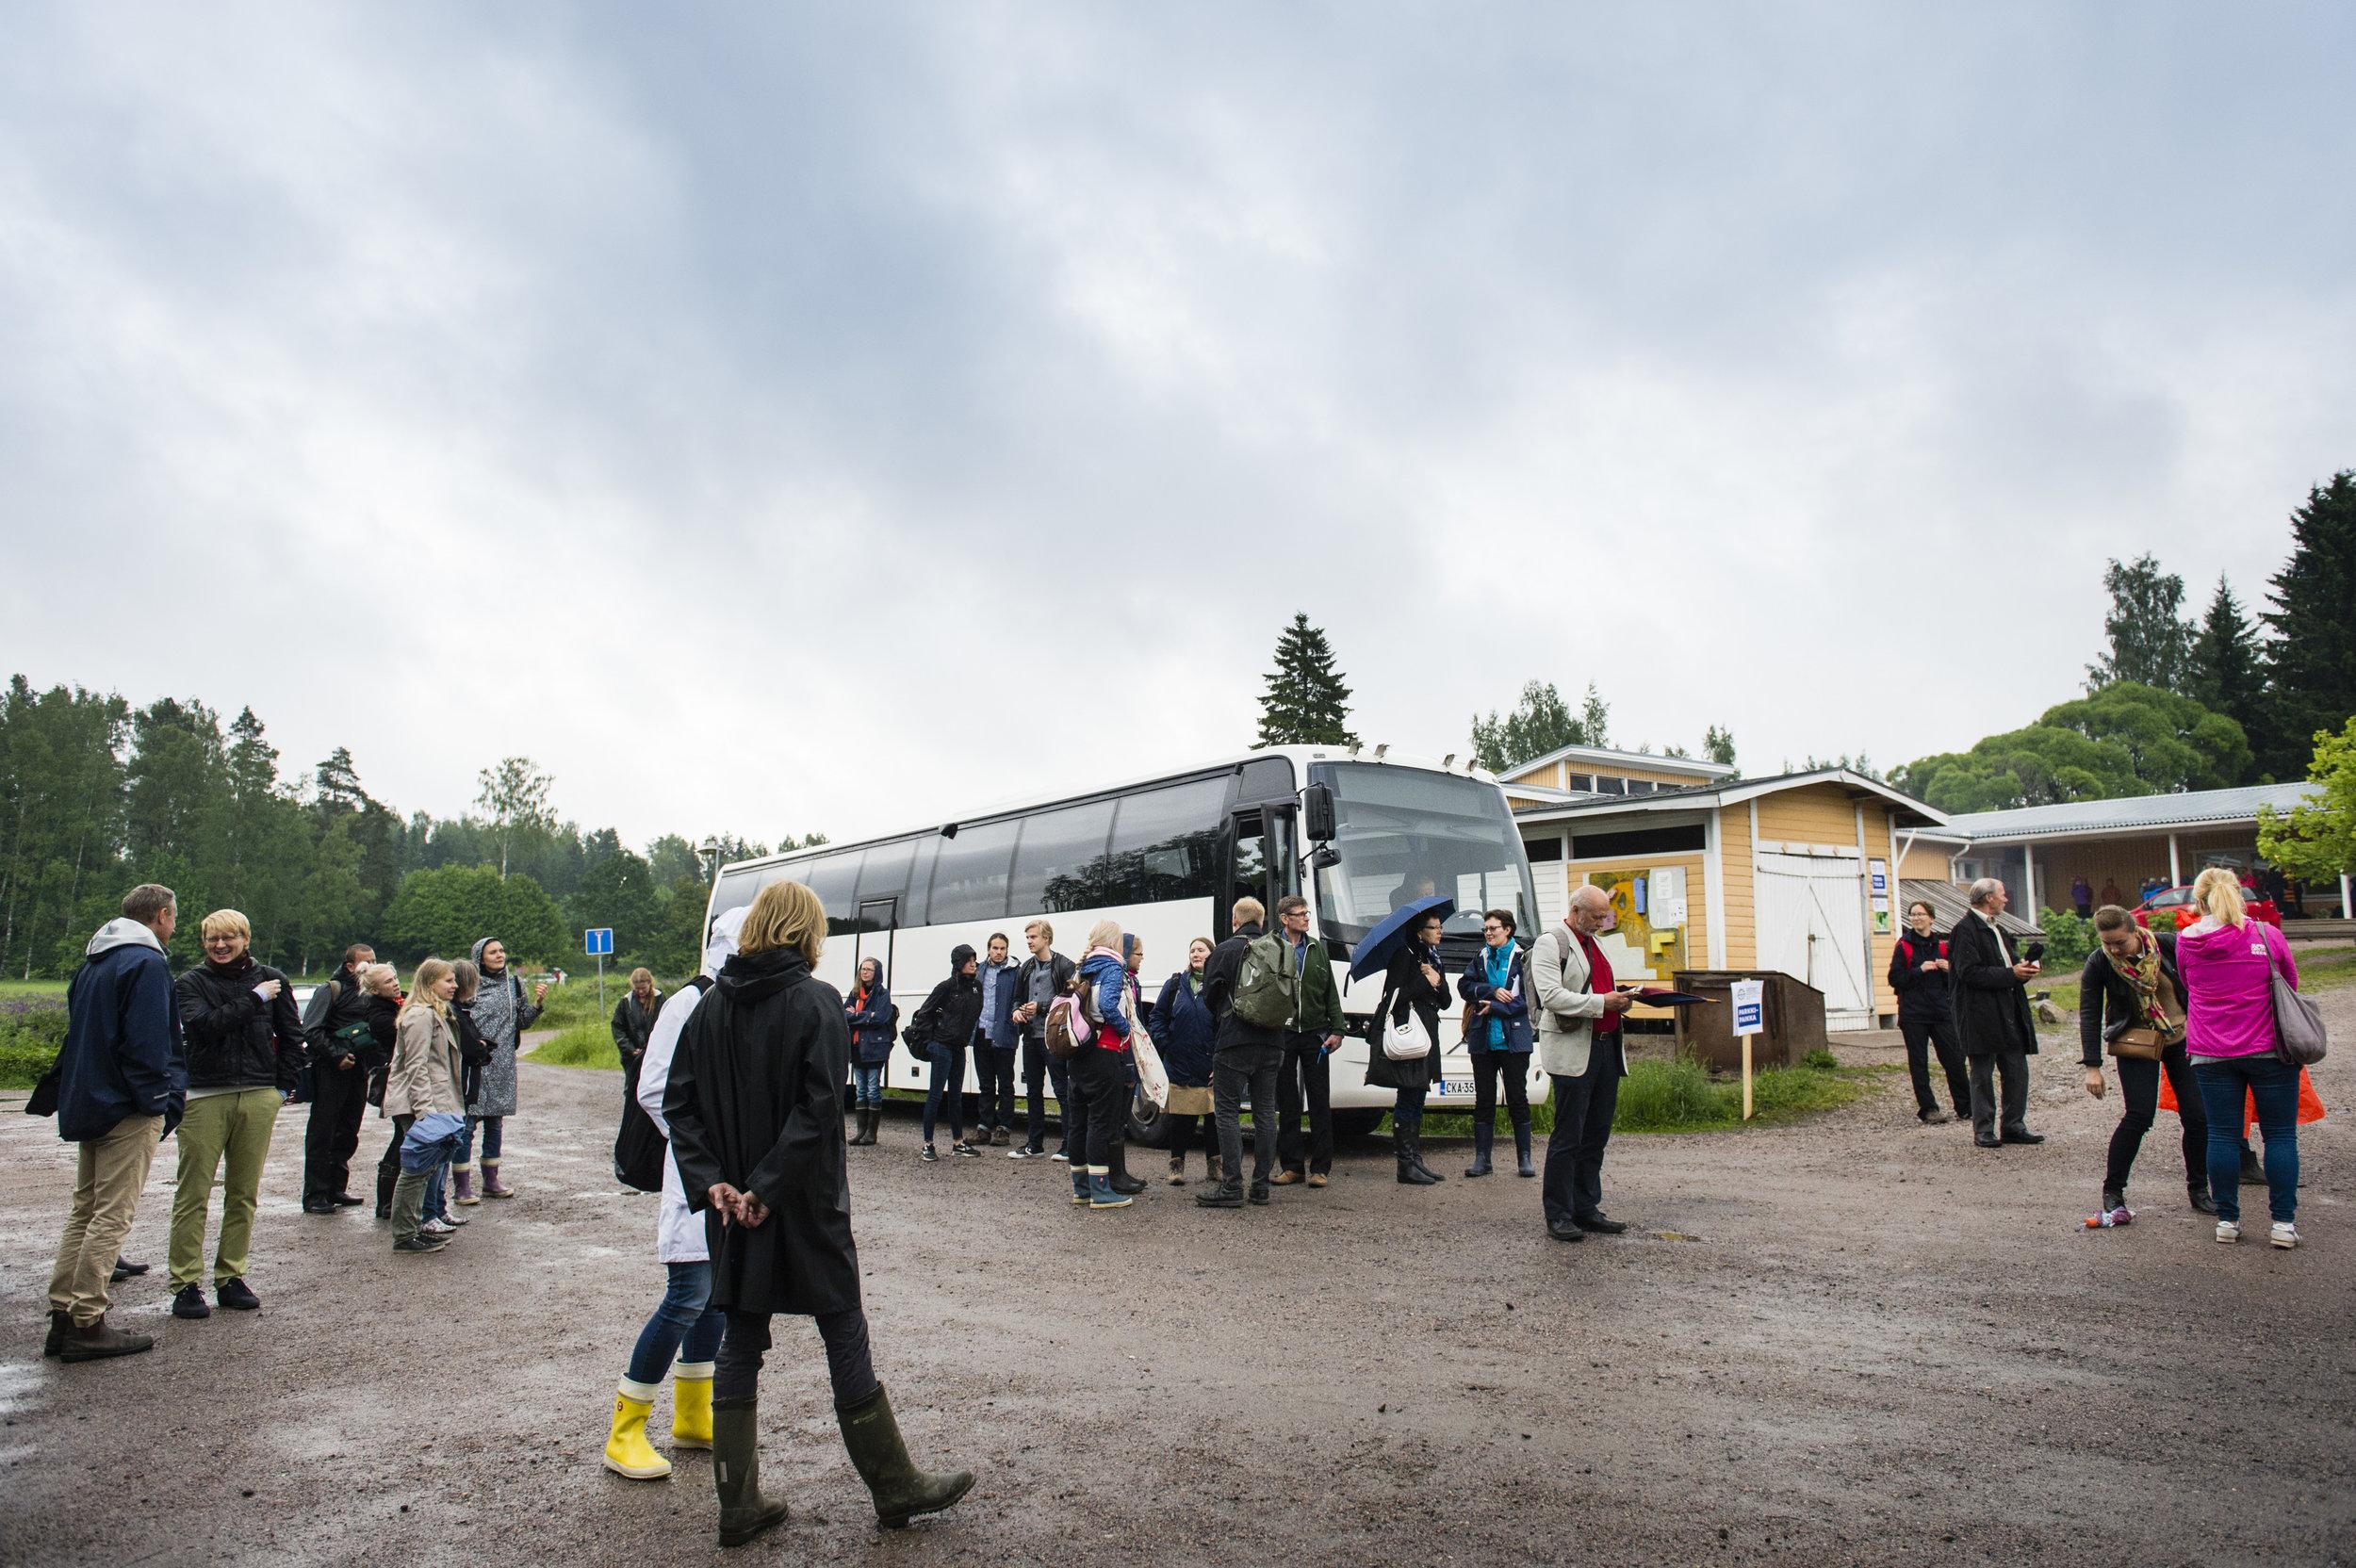 Linja-autolla kuljetettiin tapahtuman osallistujat tutustumaan Kaupunkilaisten omaan peltoon. Vieraita oli mm. Maa- ja metsätalousministeriöstä, Mtk:stä, Maaseutuvirastosta, Vantaan kaupungilta virkamiehiä ja politikkoja, Lilinkotisäätiöstä, Baltic Sea Action Groupista, Apetit yrityksestä.